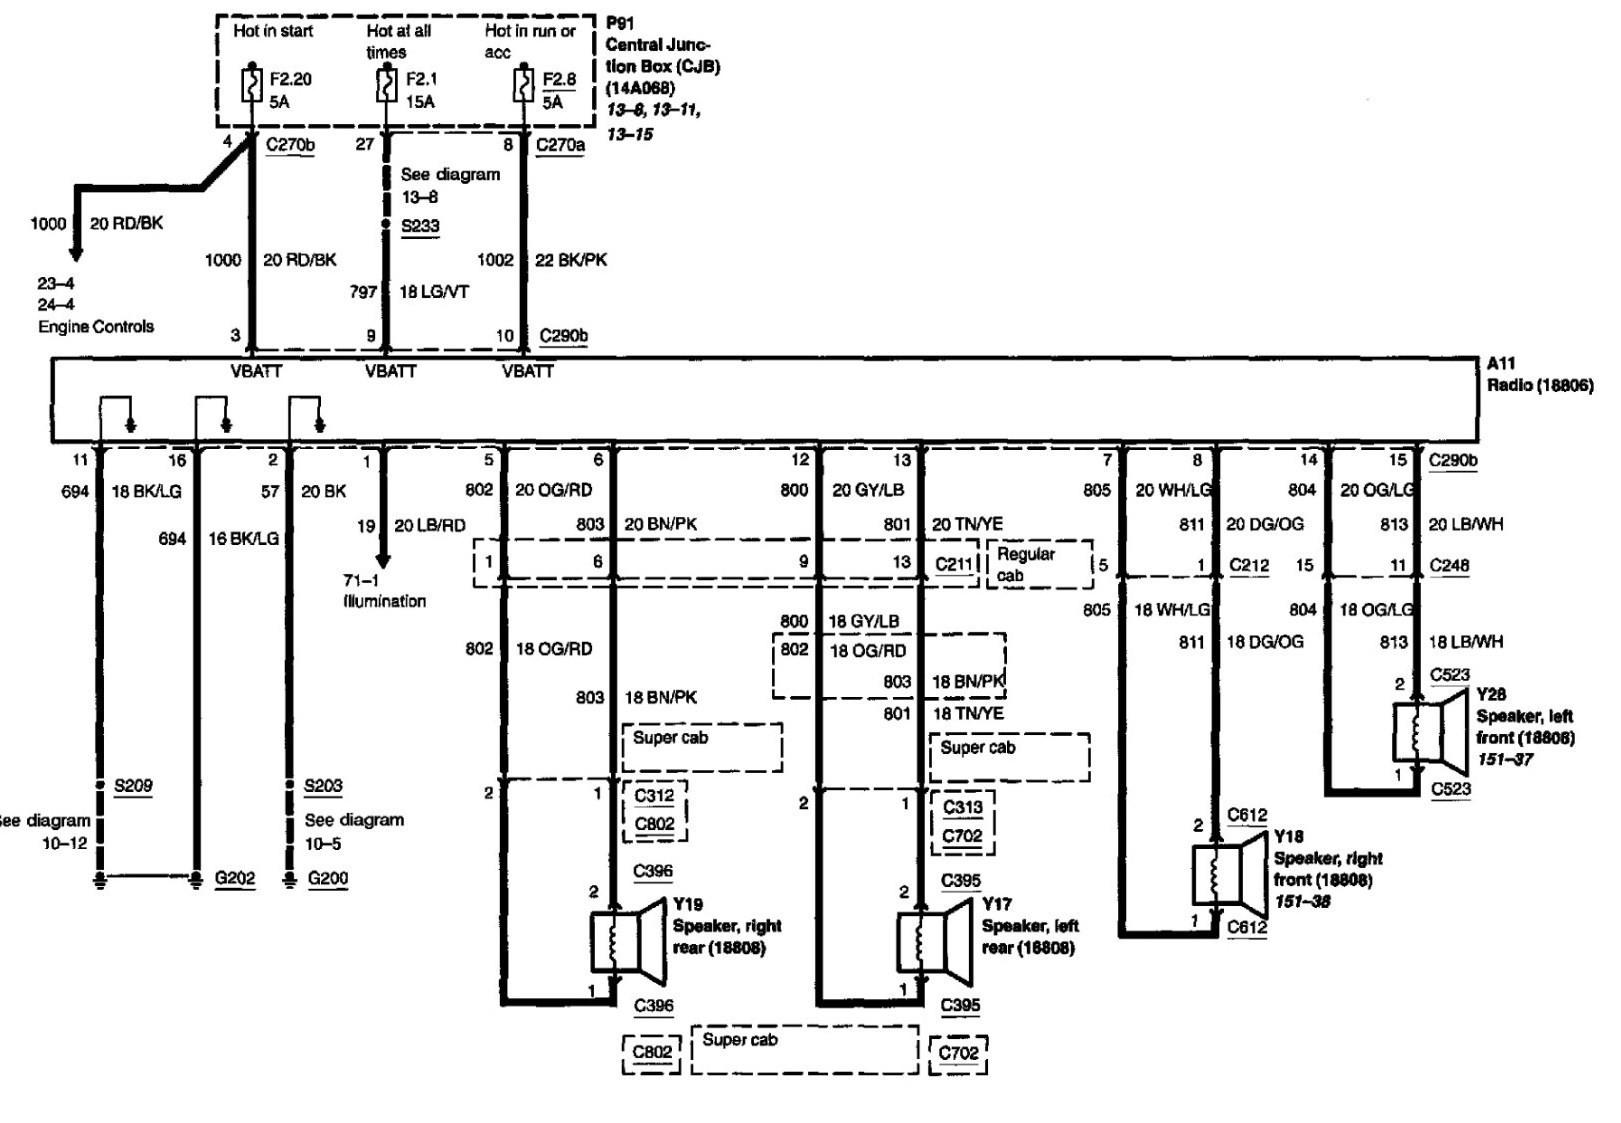 Way Diagram Wire 4 Uds566 - Wiring Diagram Data Oreo - 4 Wire Trailer Wiring Diagram